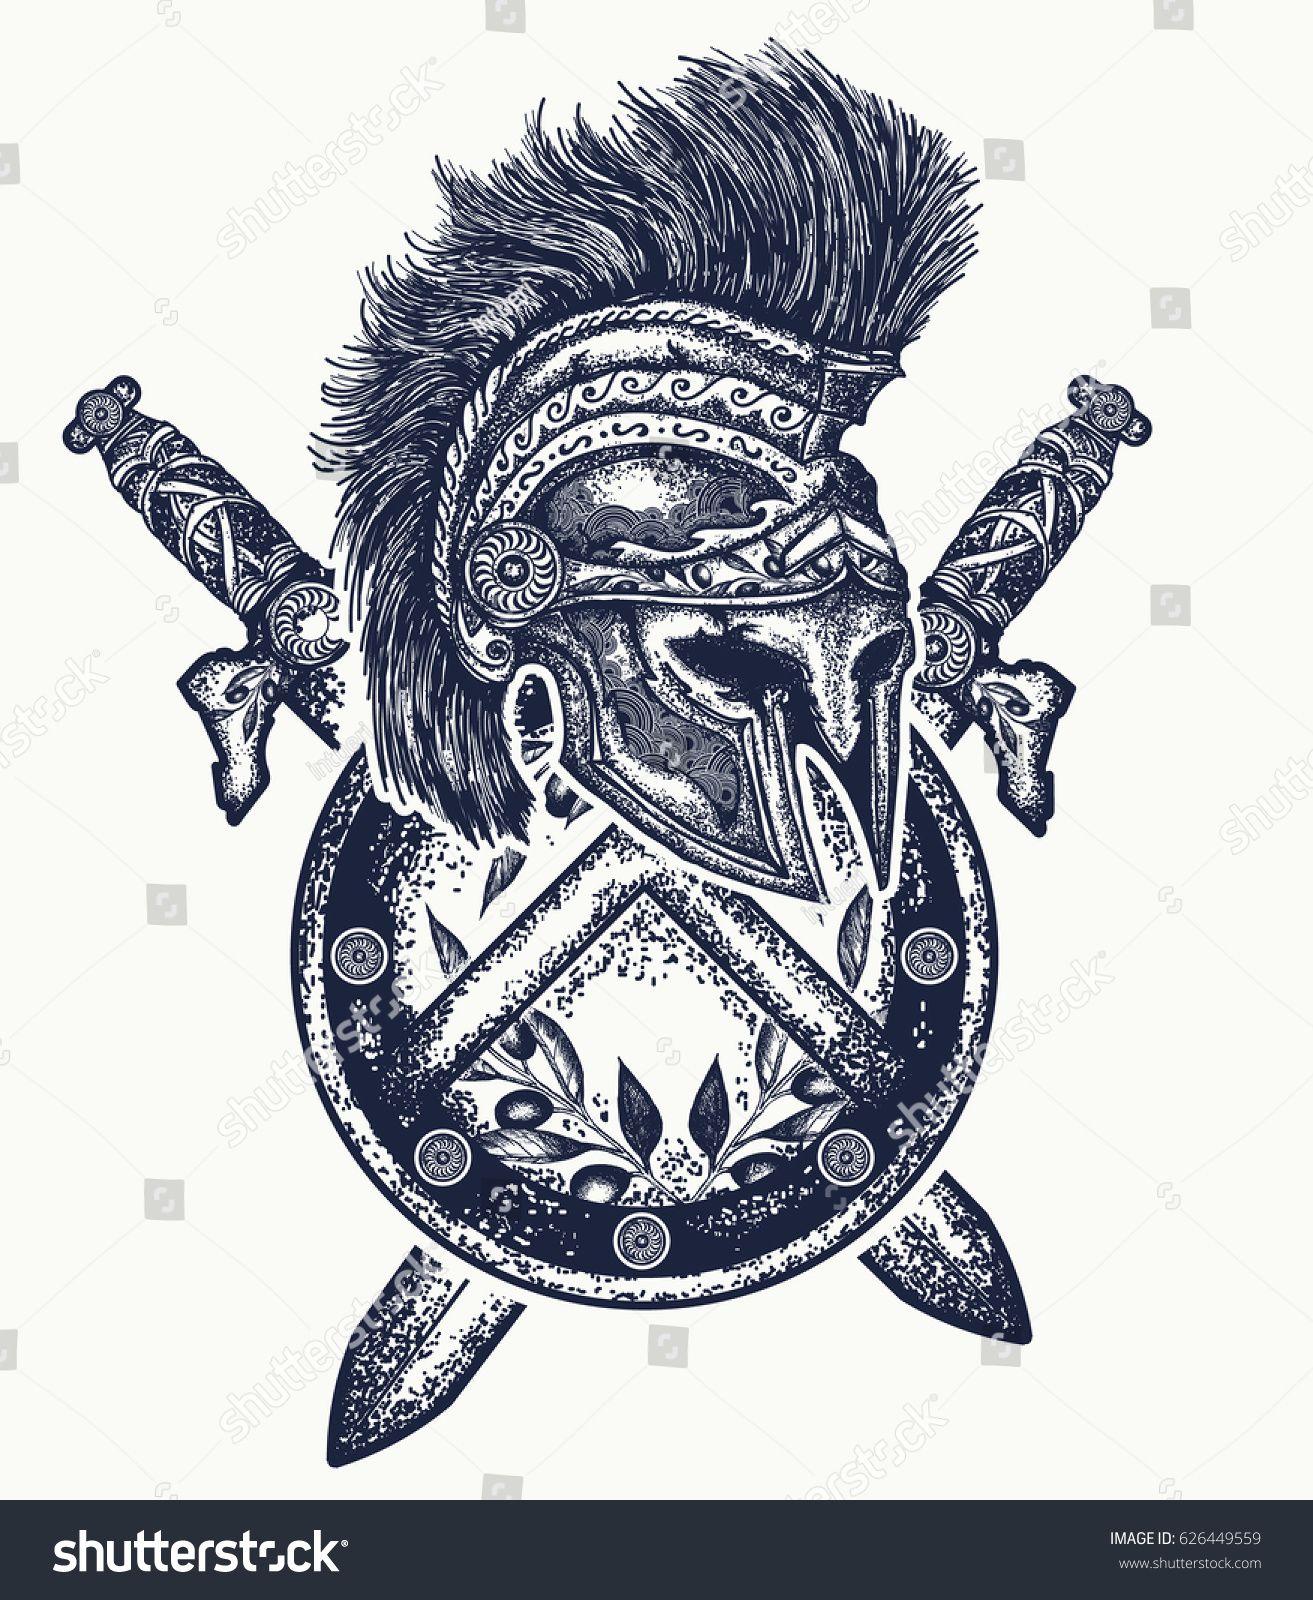 Spartan helmet crossed swords and spartan shield. Symbol ...